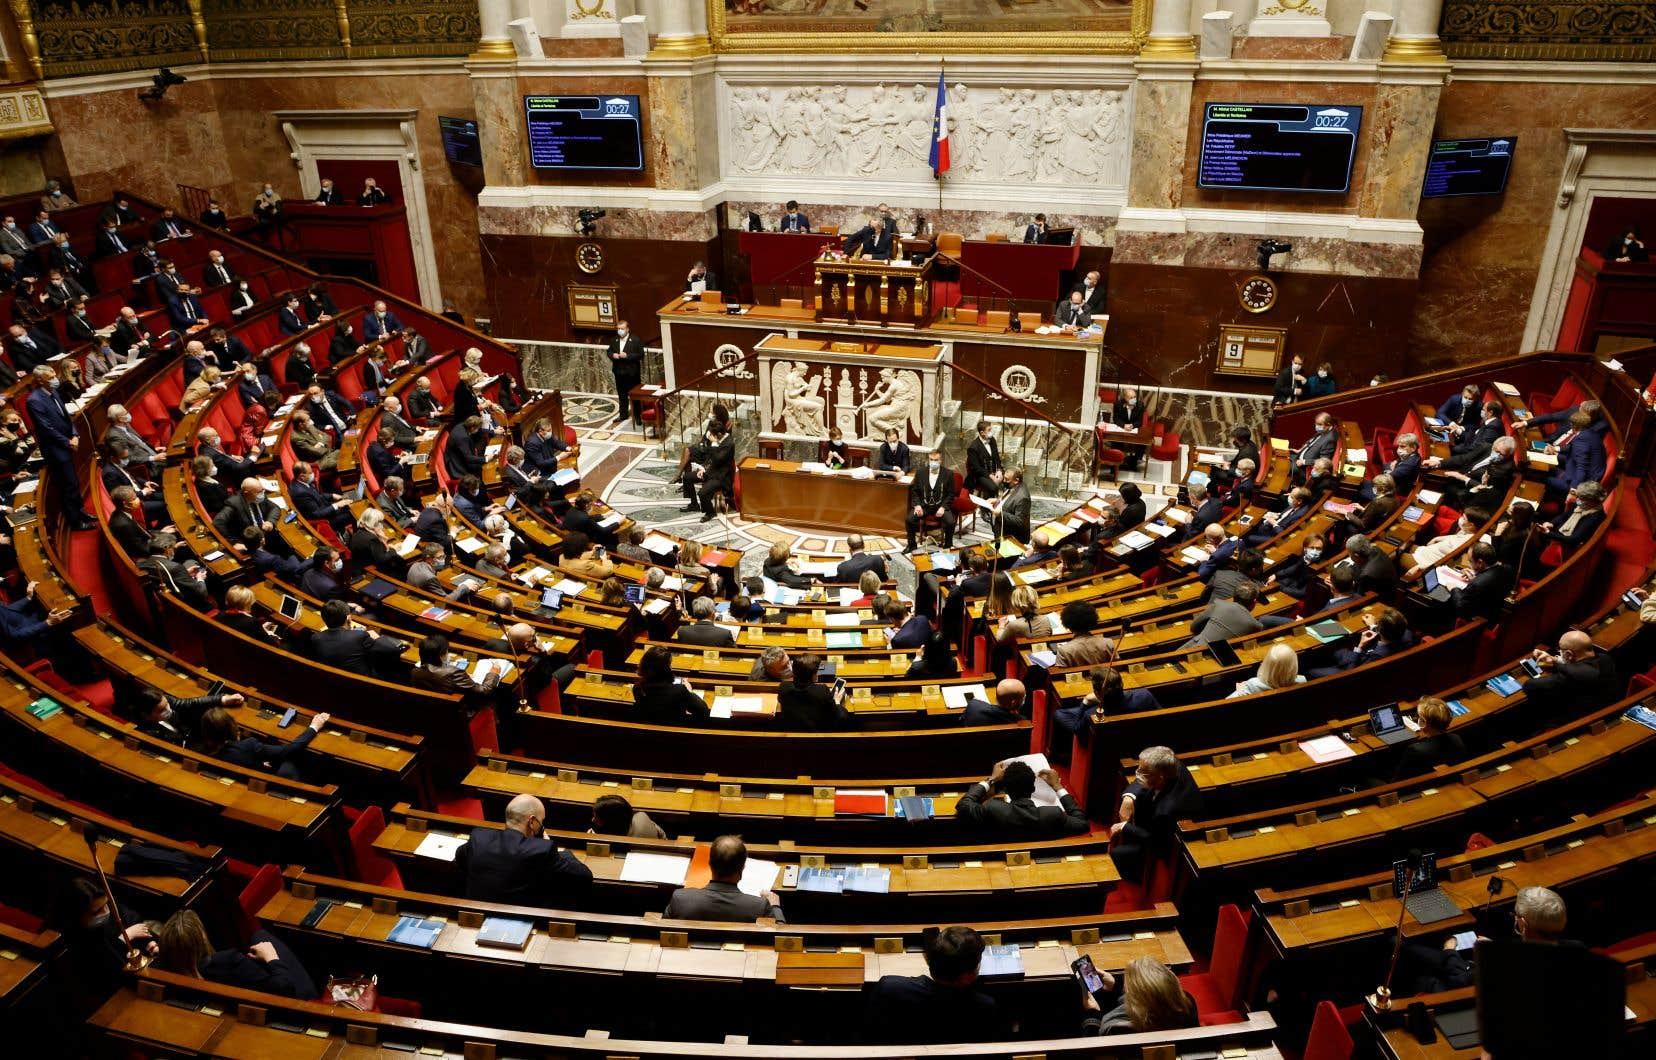 Le texte a fait l'objet de plus de 110heures de discussions à la Chambre basse du parlement français durant trois semaines jusqu'à mi-avril. Adopté par 332 voix contre 77, et 145 abstentions, il sera soumis au Sénat courant juin.